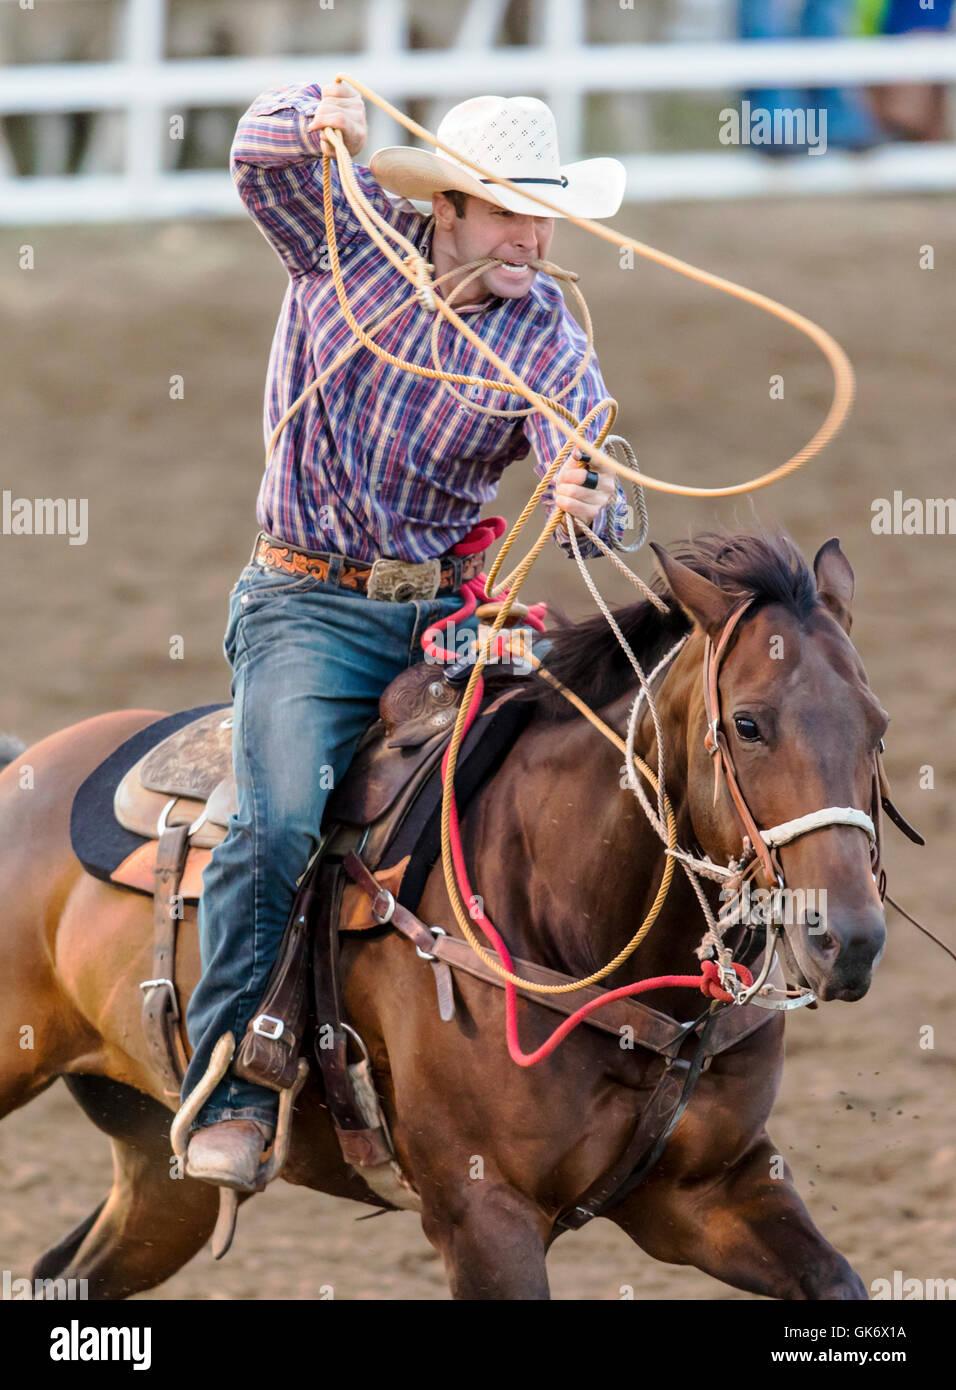 Rodeo Cowboy à cheval en compétition dans Calf roping, retenue ou ...